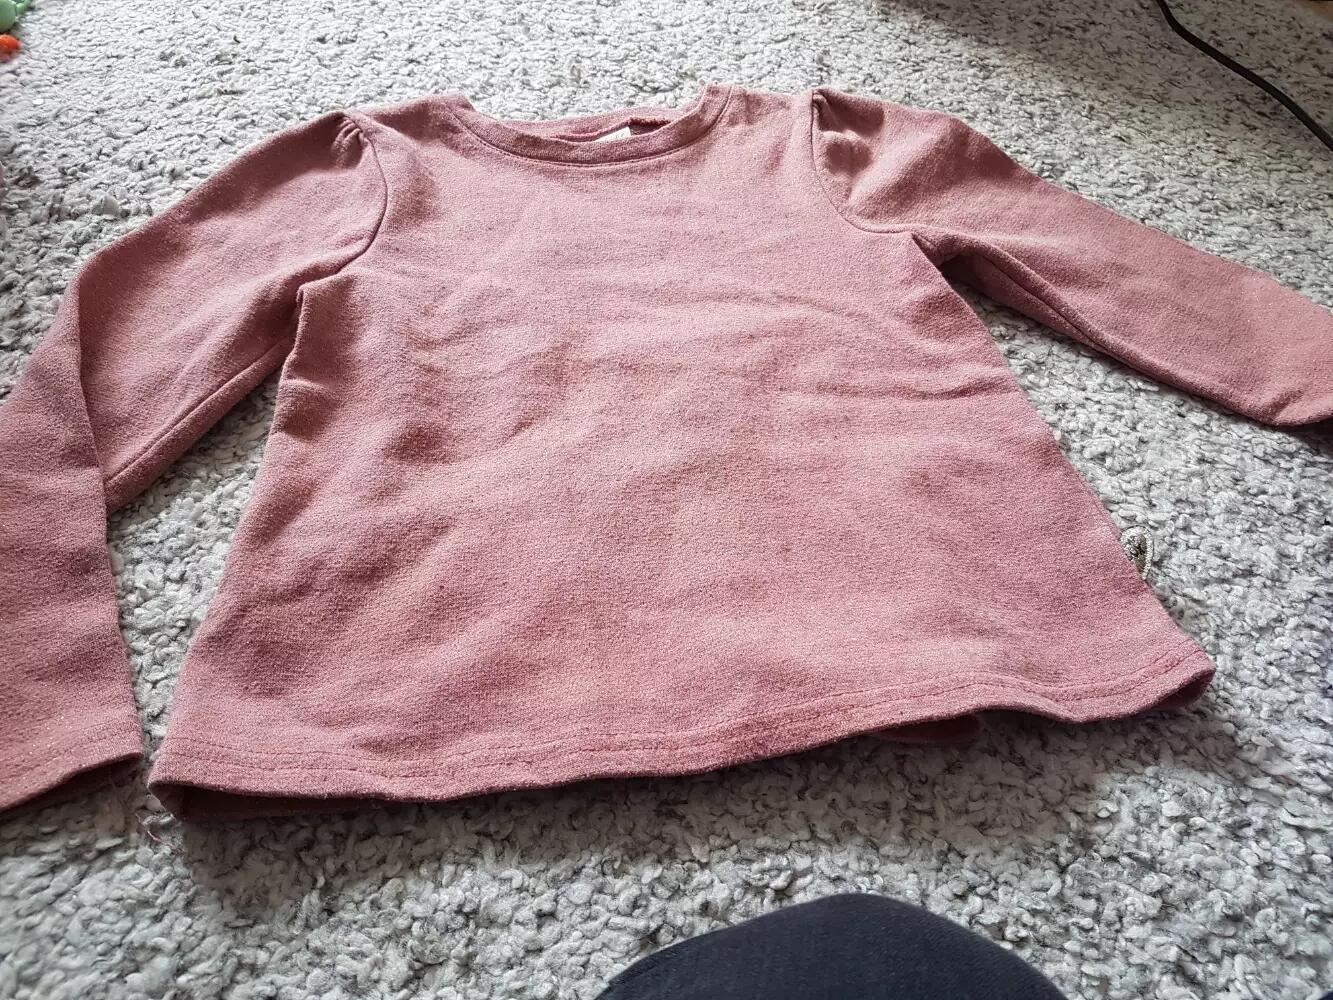 POMPdeLUX sweatshirt